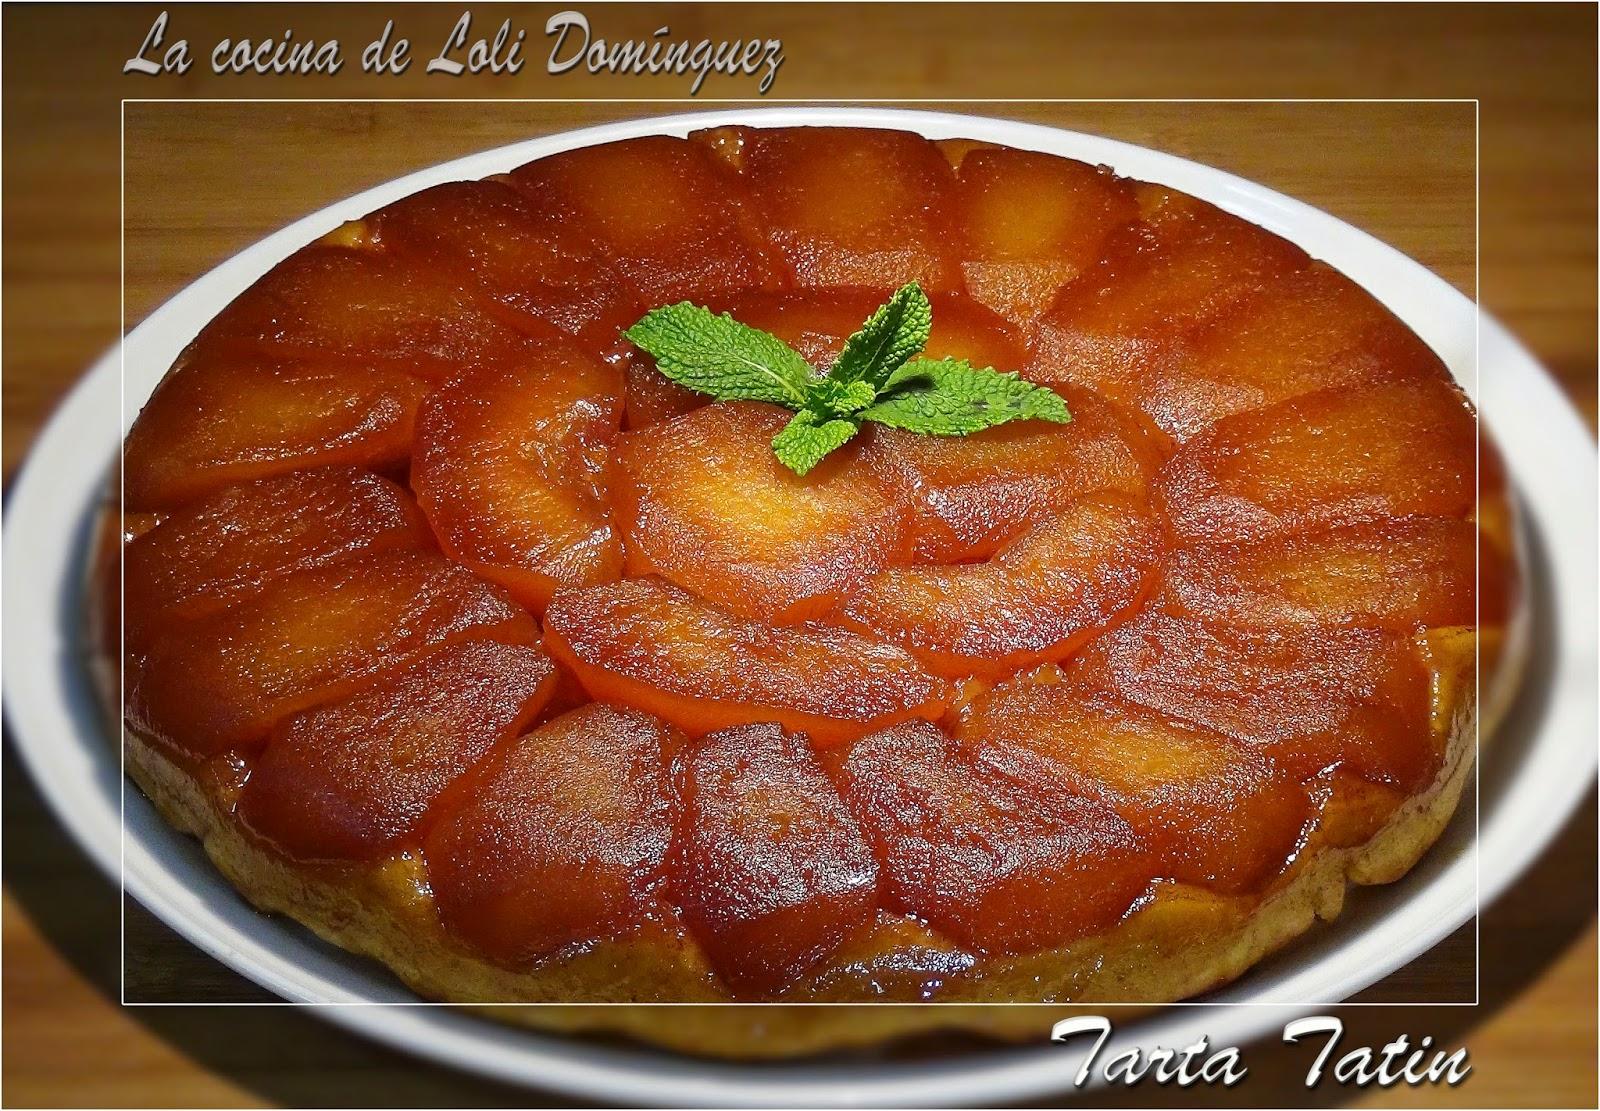 La cocina de loli dom nguez tarta tatin for Introduccion a la cocina francesa